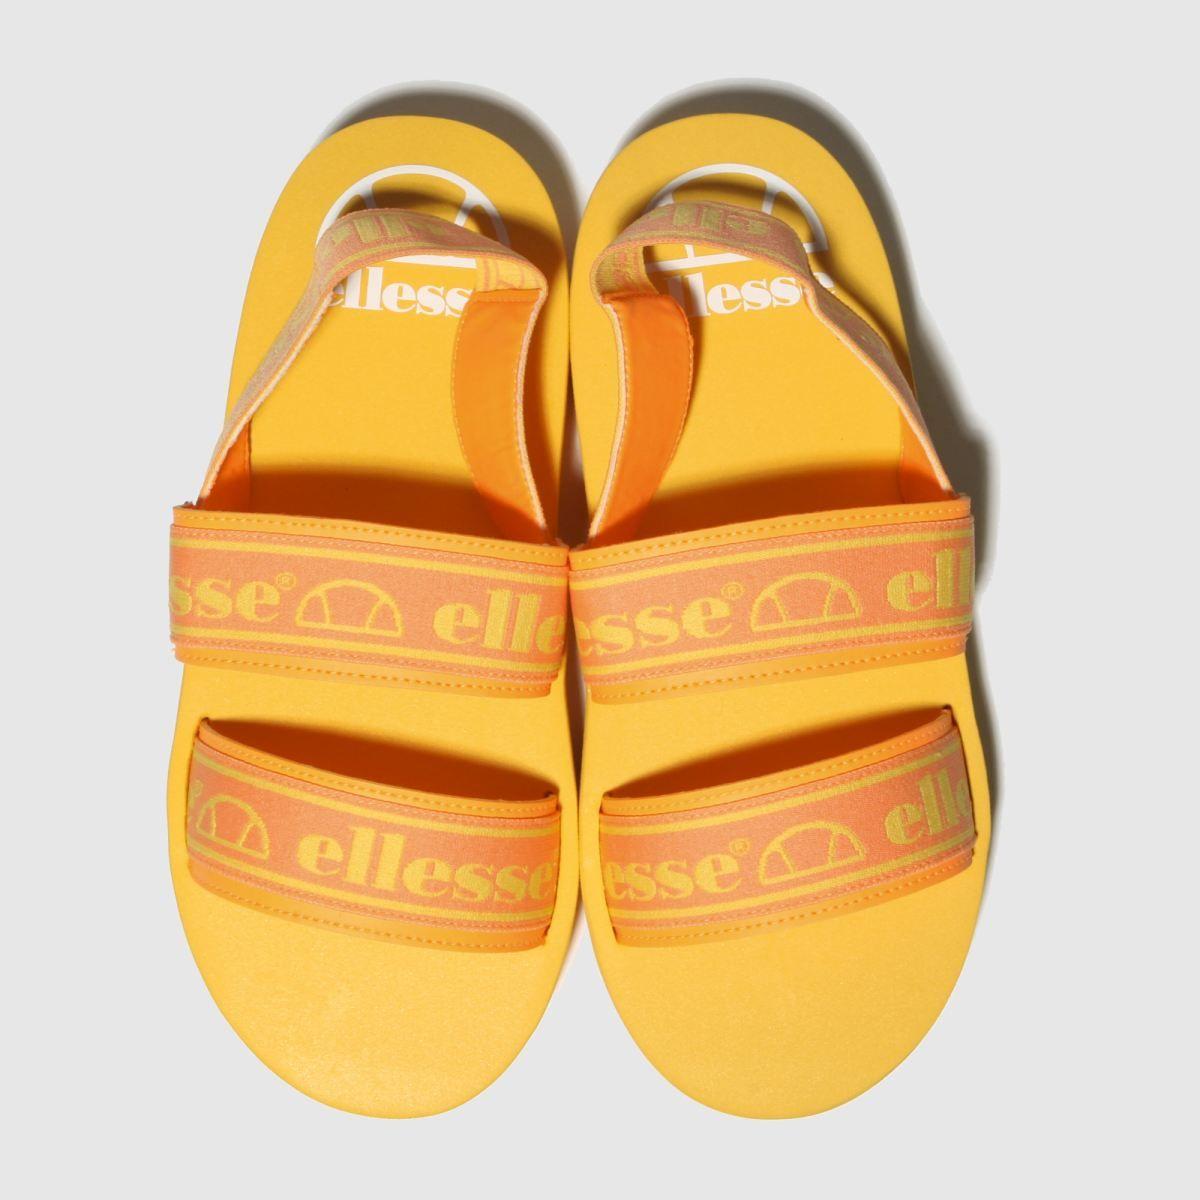 Ellesse Orange Giglio Sandals 598x598